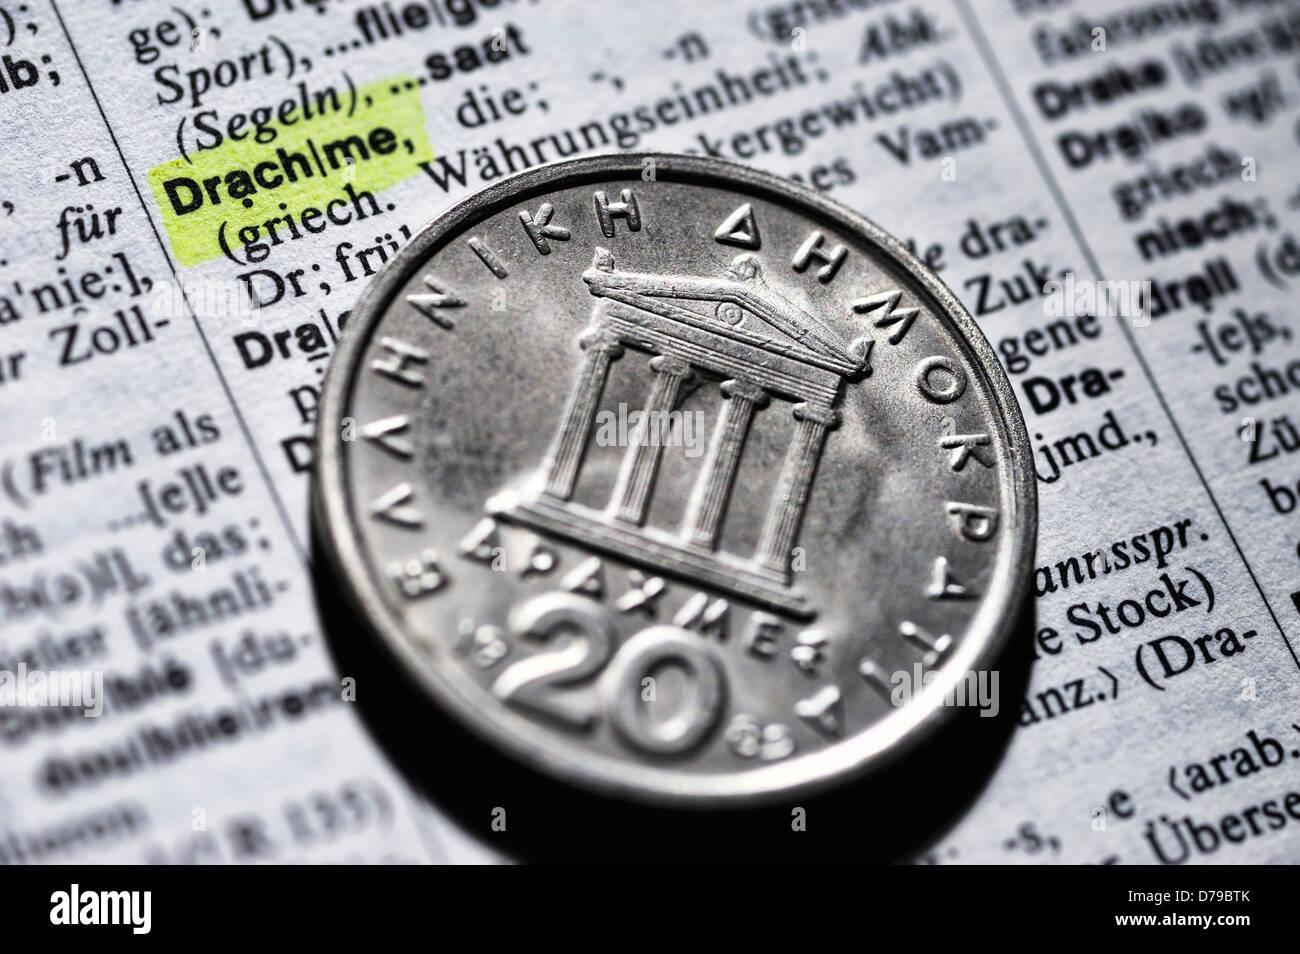 Griego en el diccionario , Griechische drachm Drachme auf Wörterbuch Foto de stock